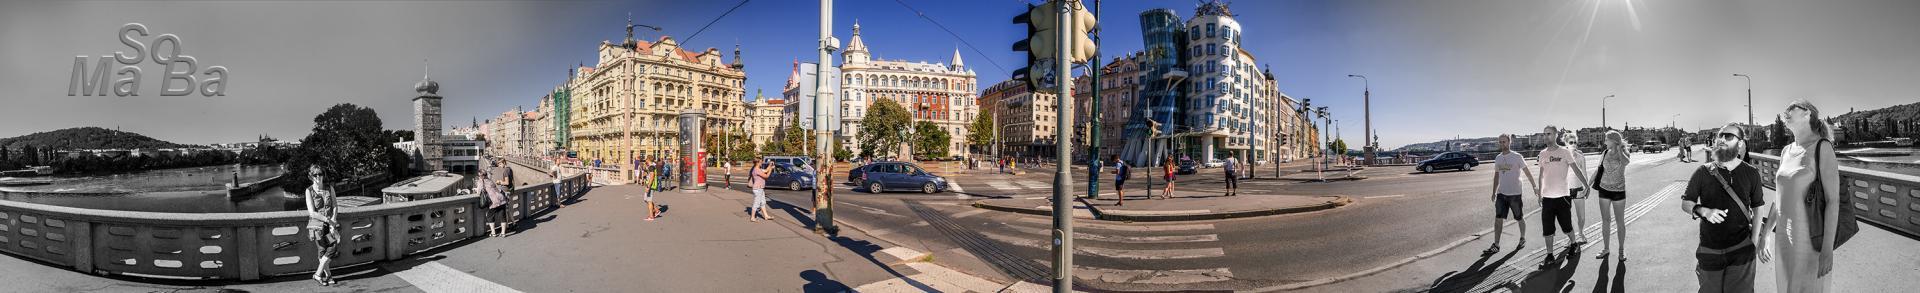 360° Panorama Tanzendes Haus Prag